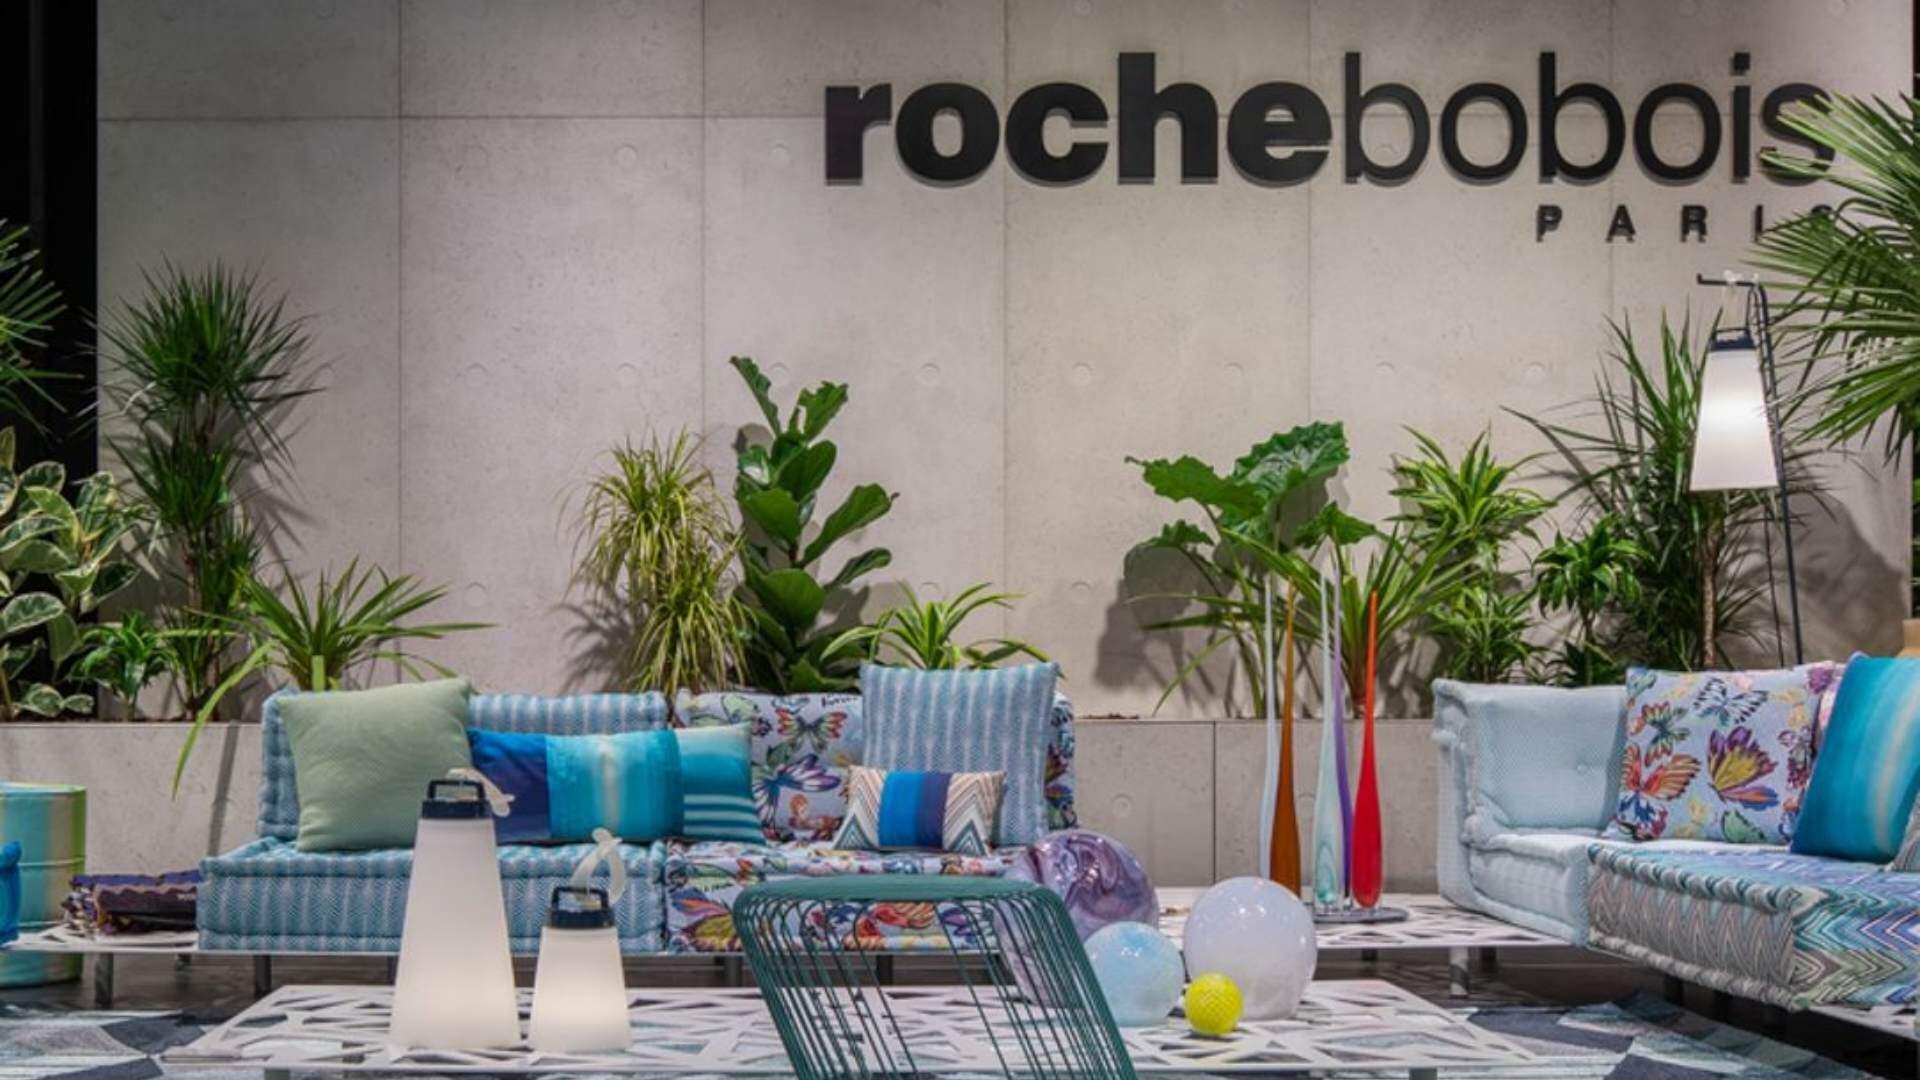 Los 60 años de Roche Bobois en la industria del diseño